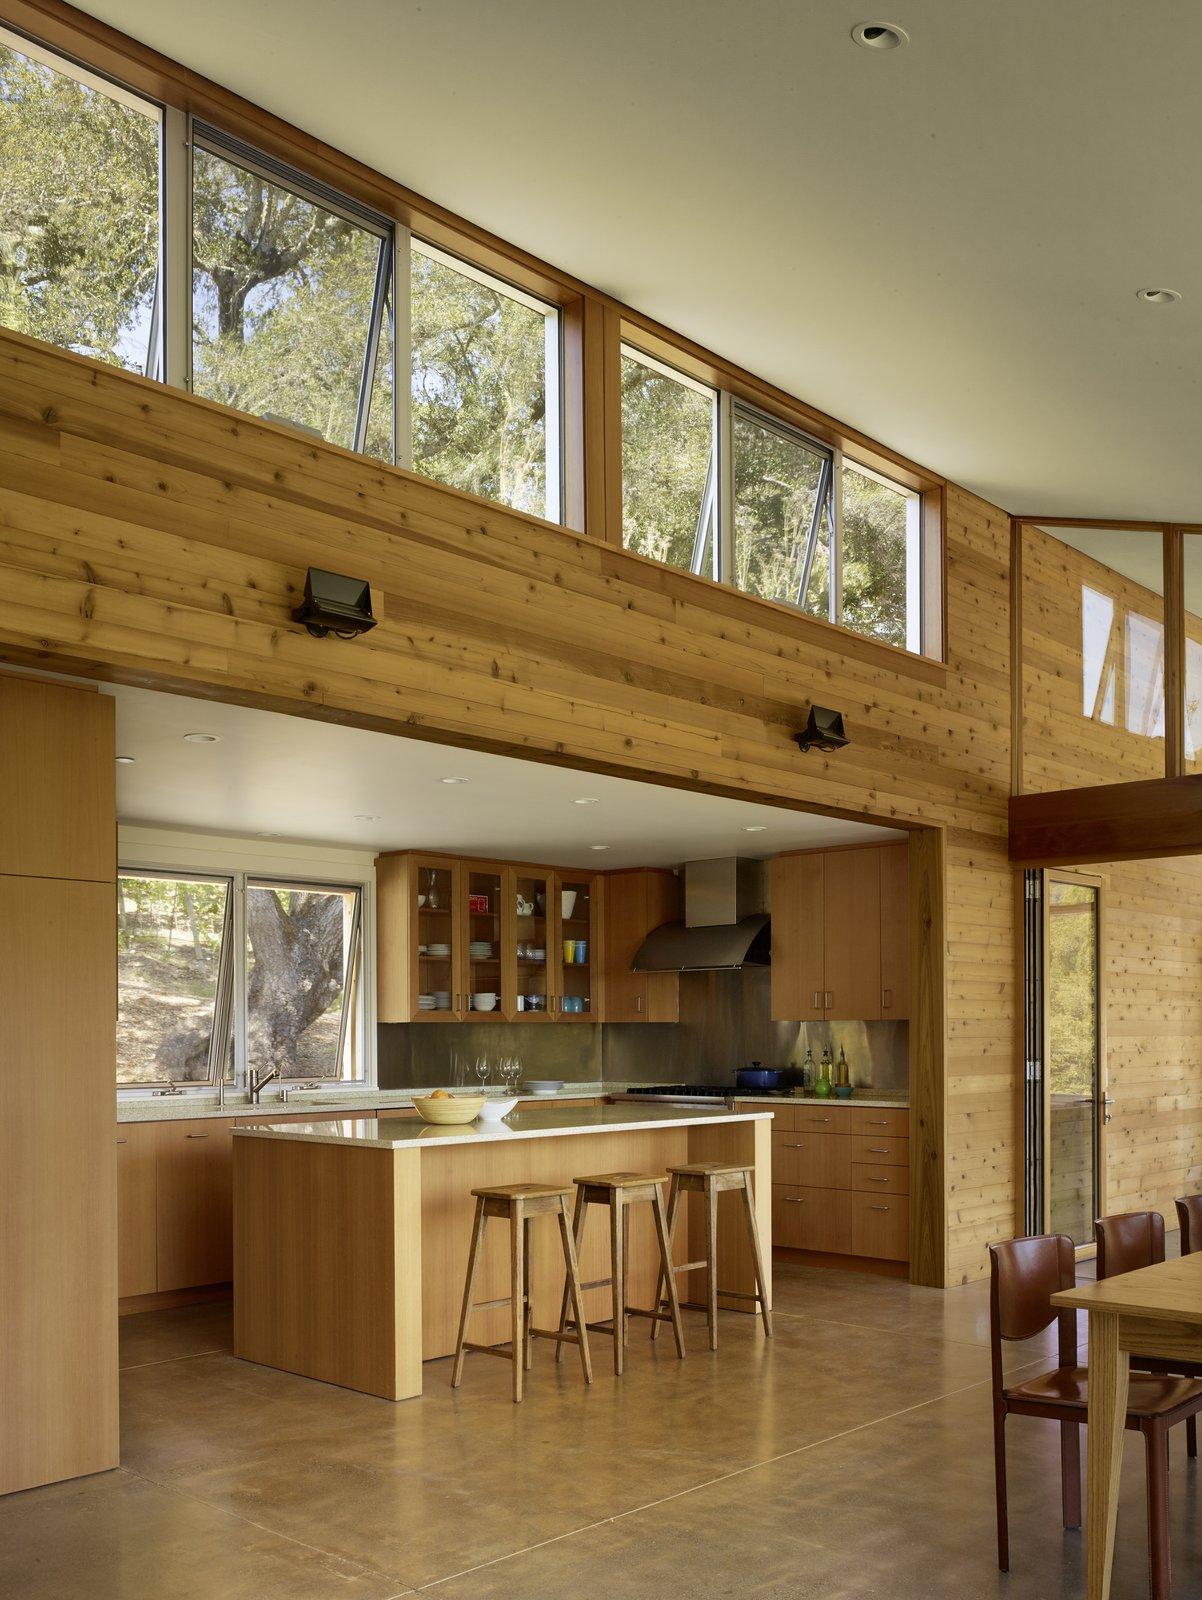 #TurnbullGriffinHaesloop #interior #kitchen #window